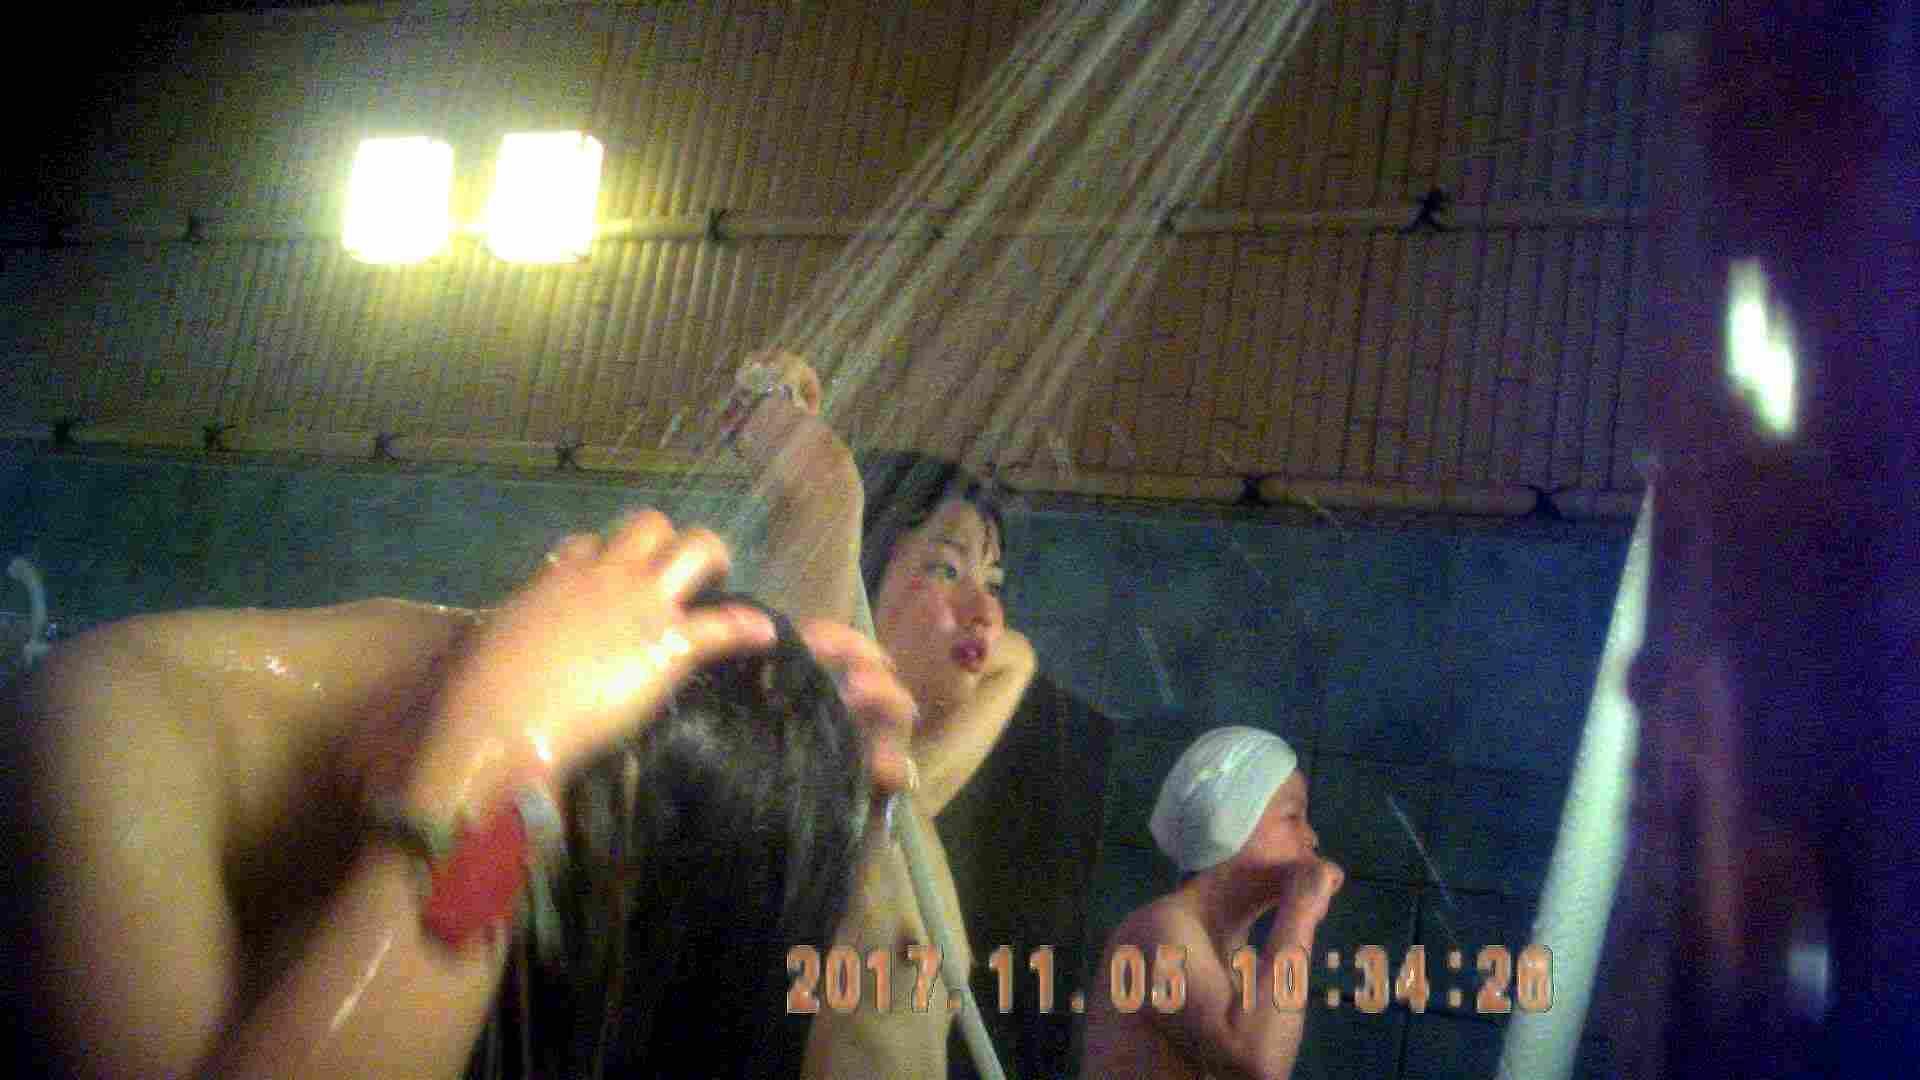 TG.07 【上等兵】顔立ちはっきりオッパイもっちりのお嬢さん 女湯 えろ無修正画像 62画像 52